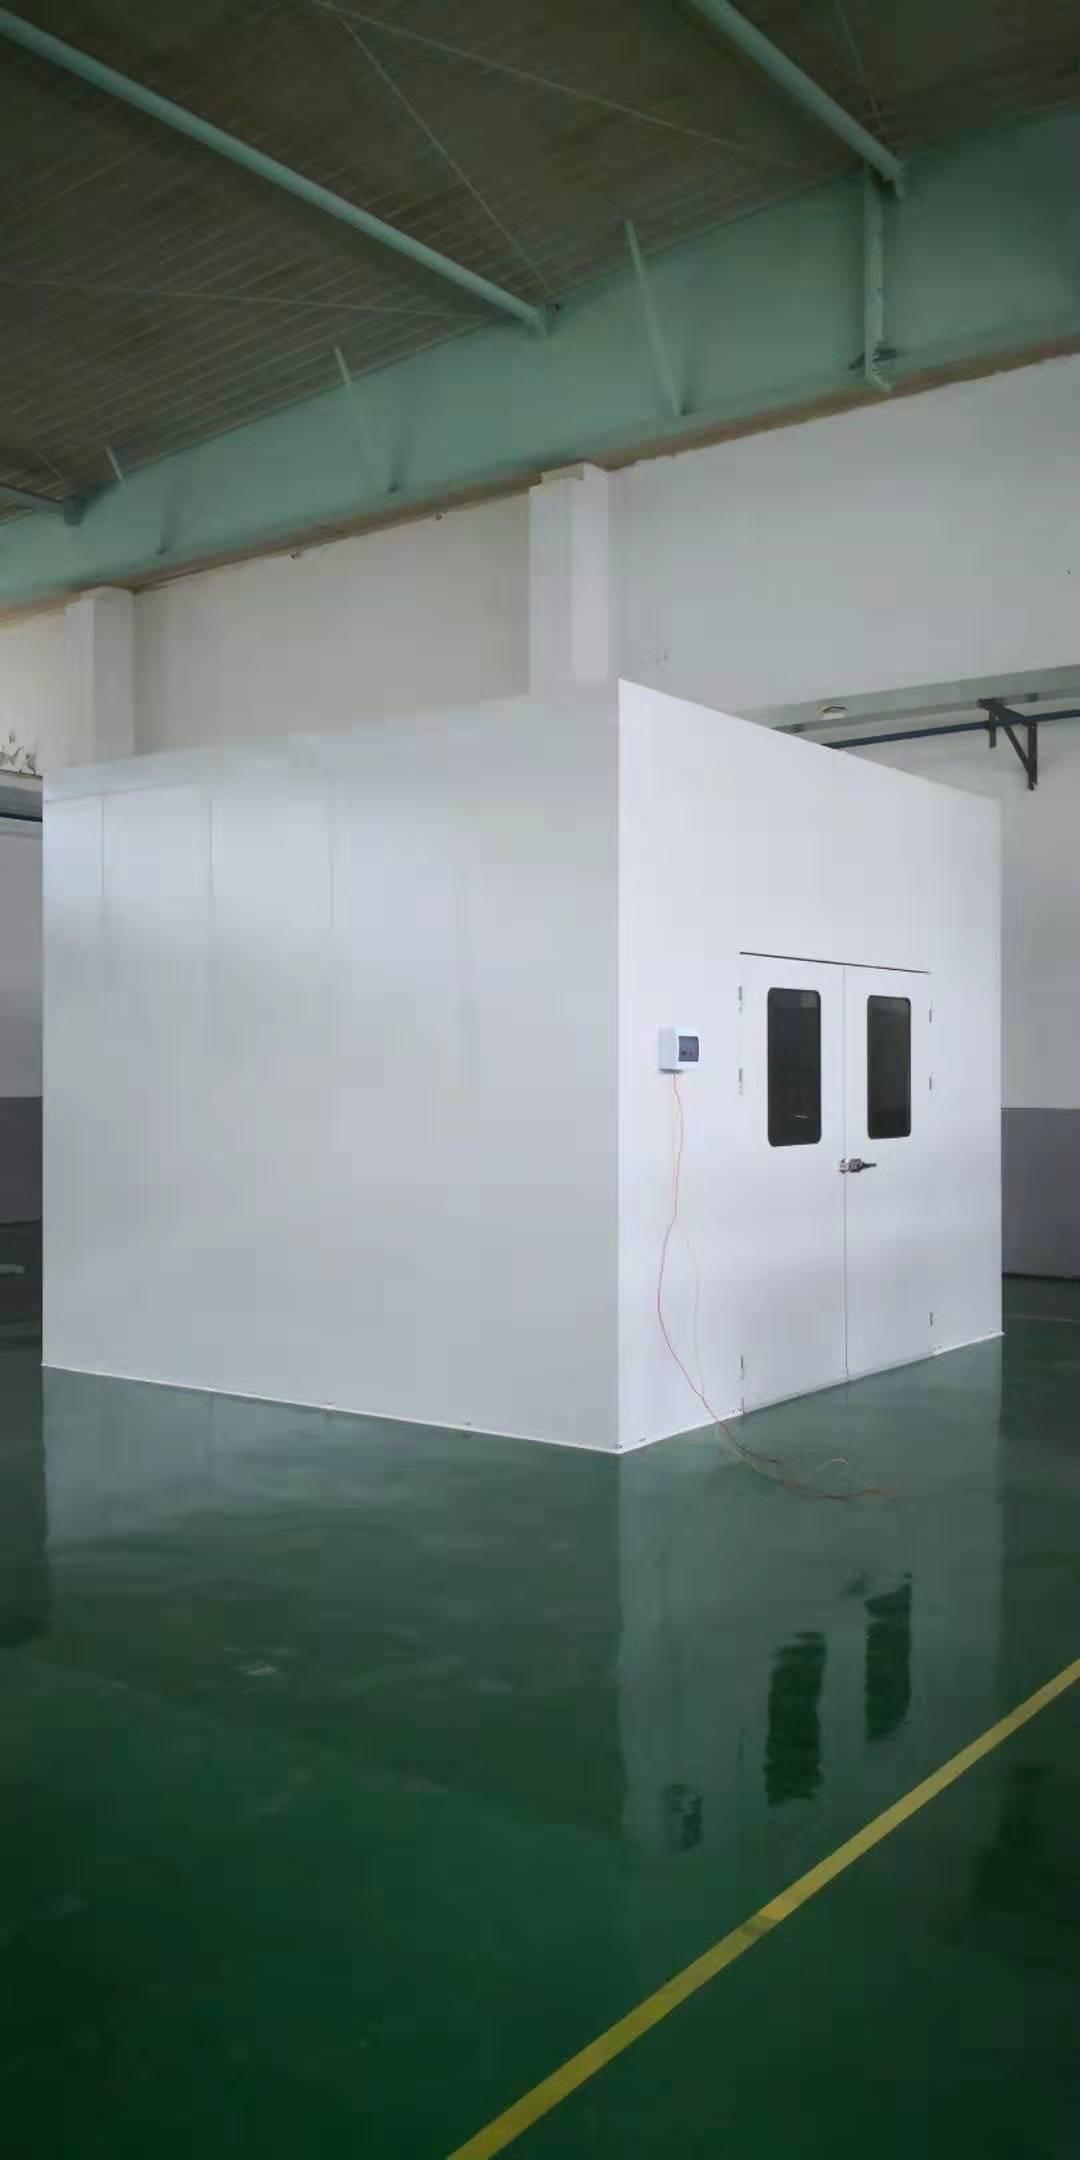 徐州流水线隔音房设计,隔音房